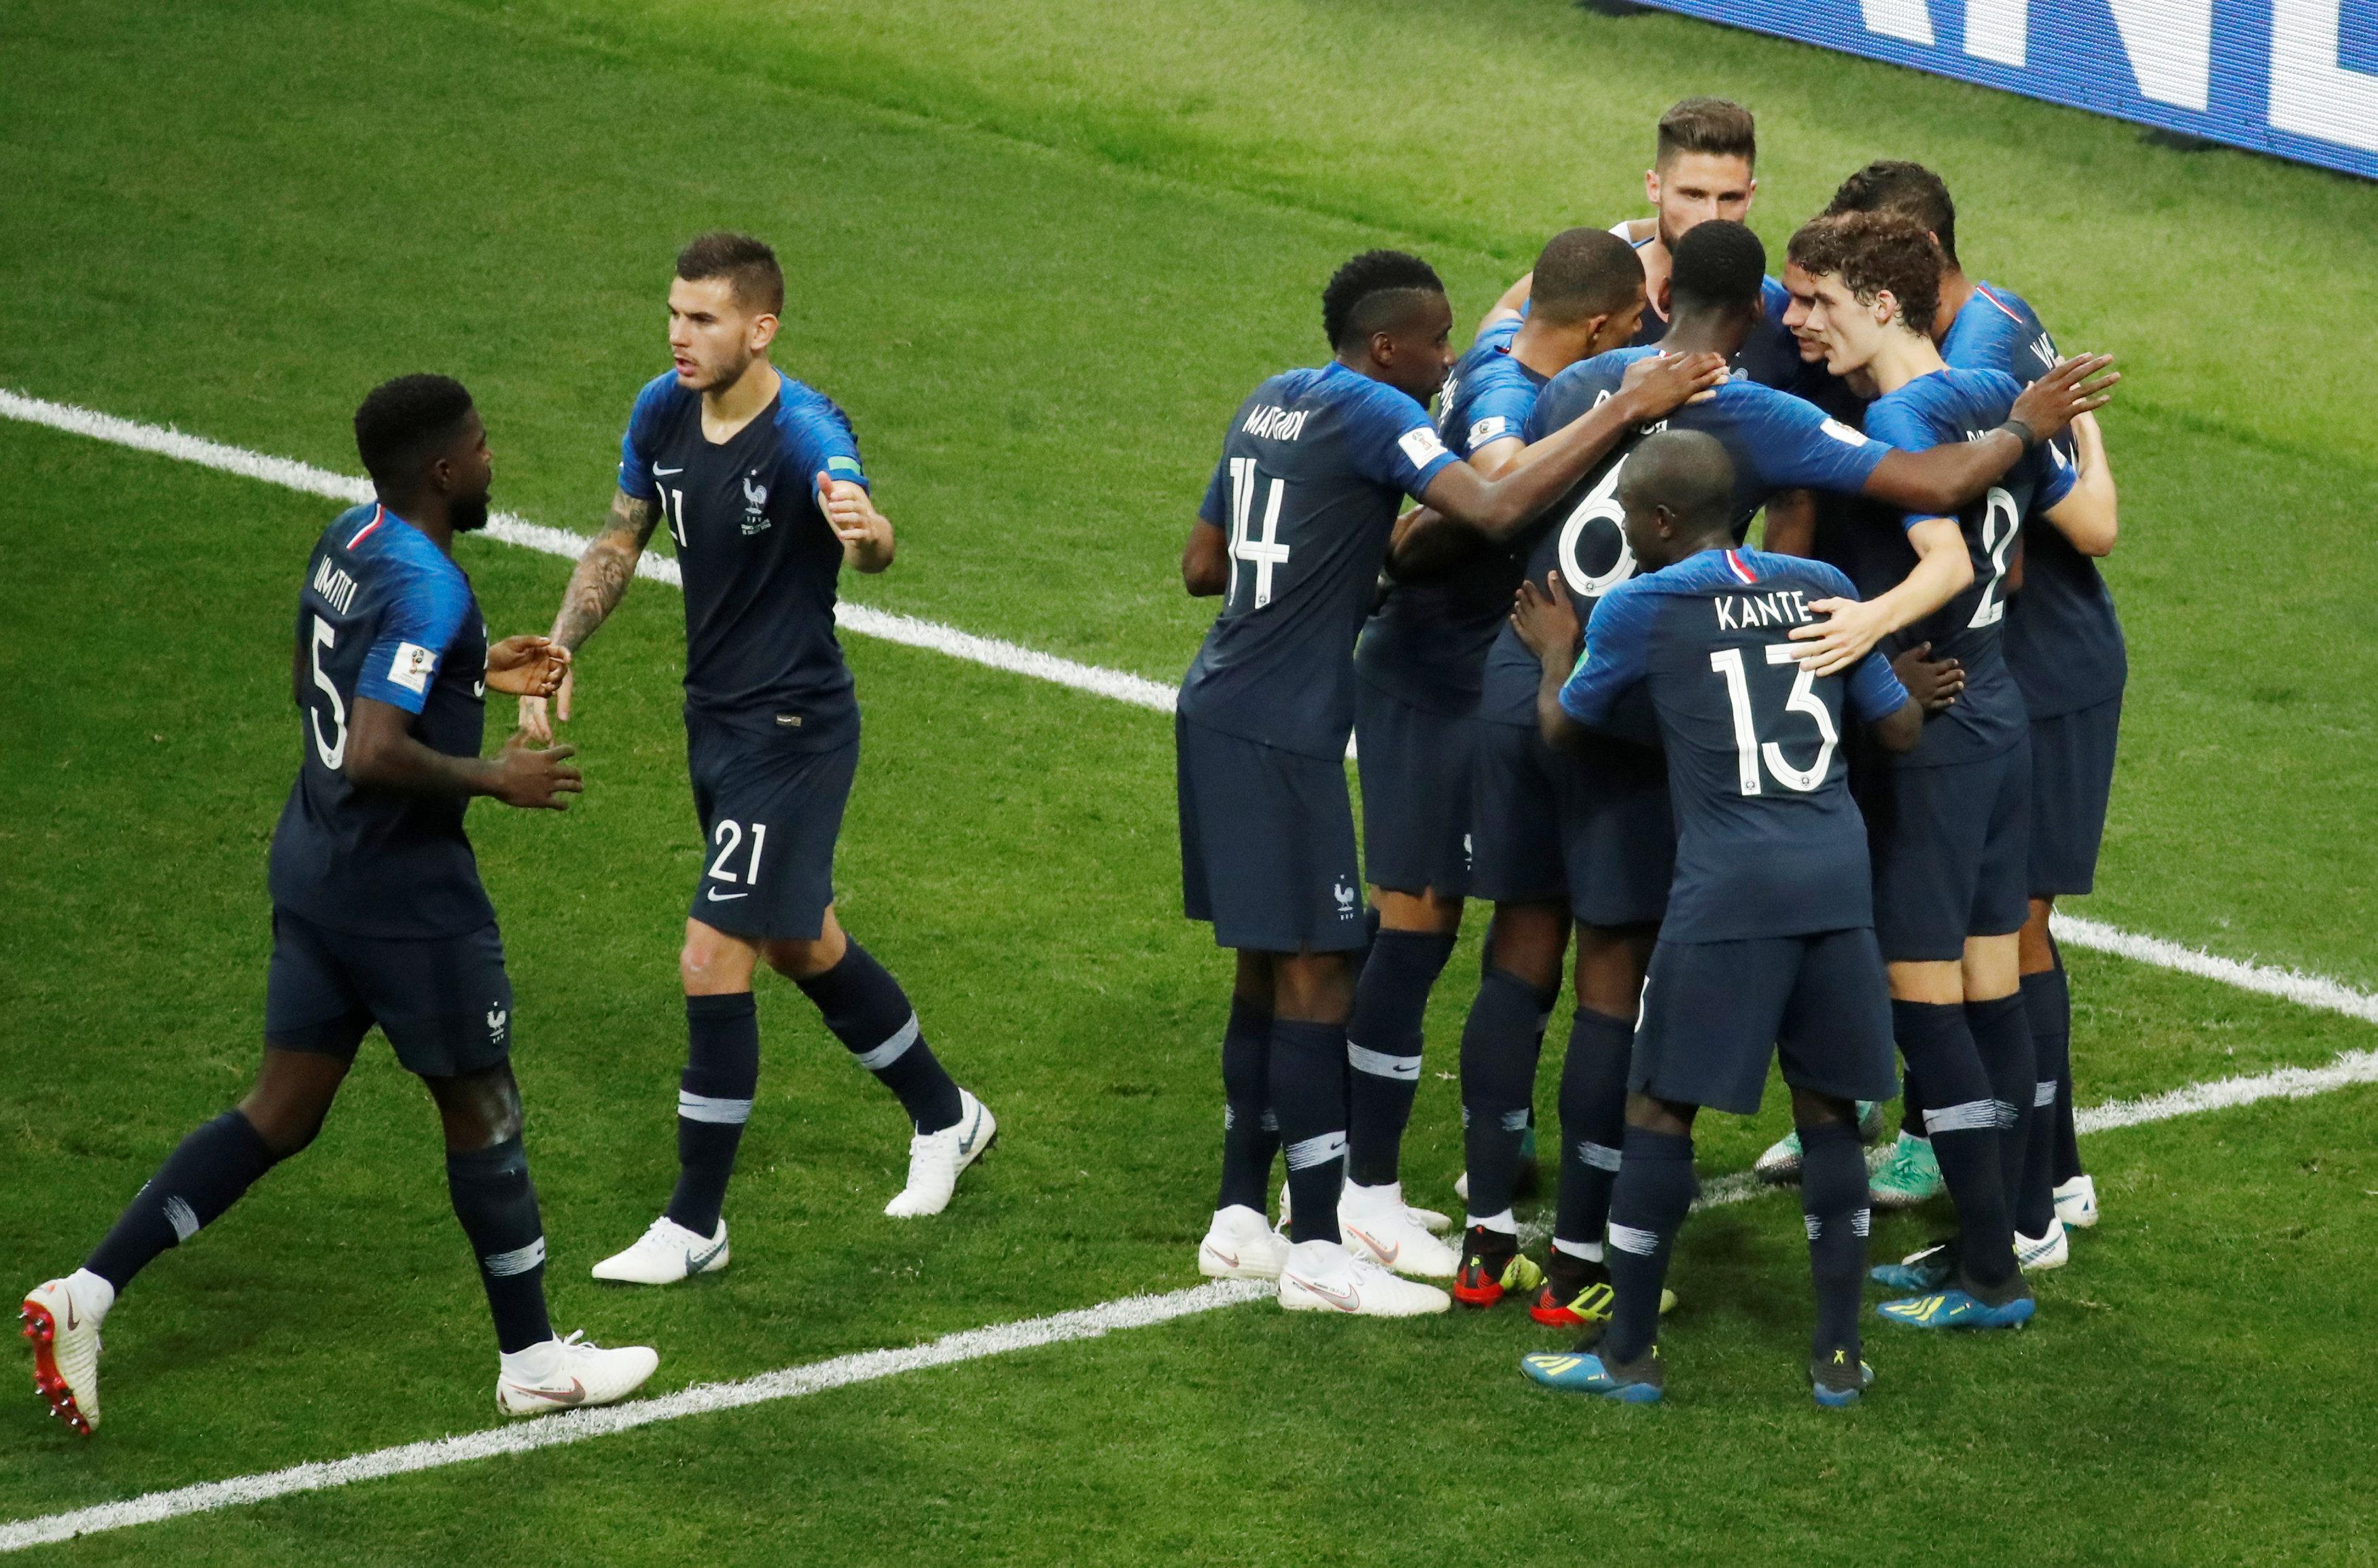 De clairefontaine moscou le formidable roman russe des bleus russie 2018 coupe du monde - Coupe du monde 2018 football ...